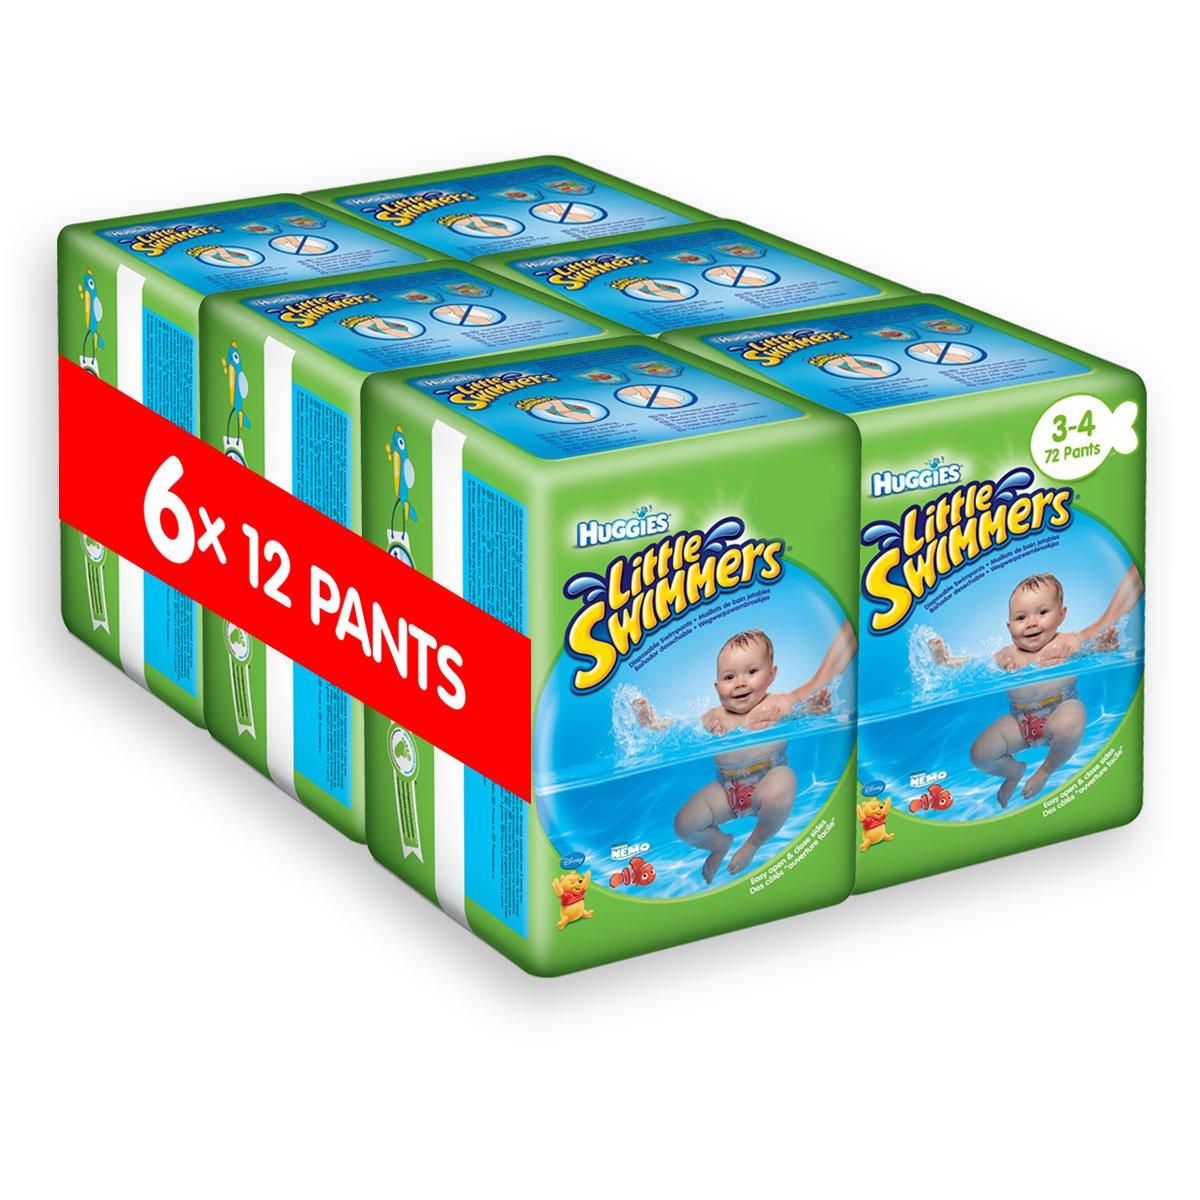 Huggies Little Swimmers Einweg-Schwimmwindeln, Größe 3-4 – 72 Hose Total Kimberly Clark 2920951